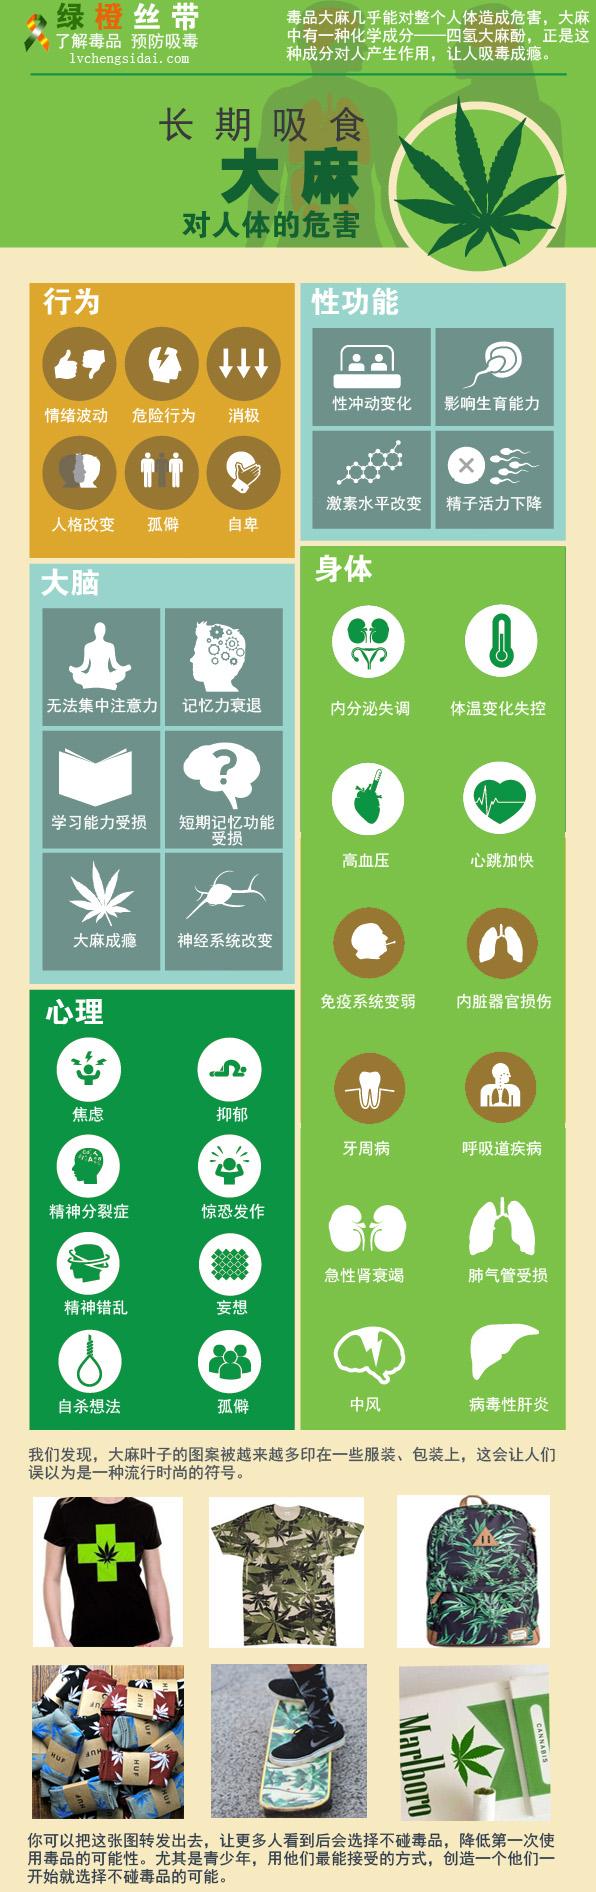 禁止吸大麻